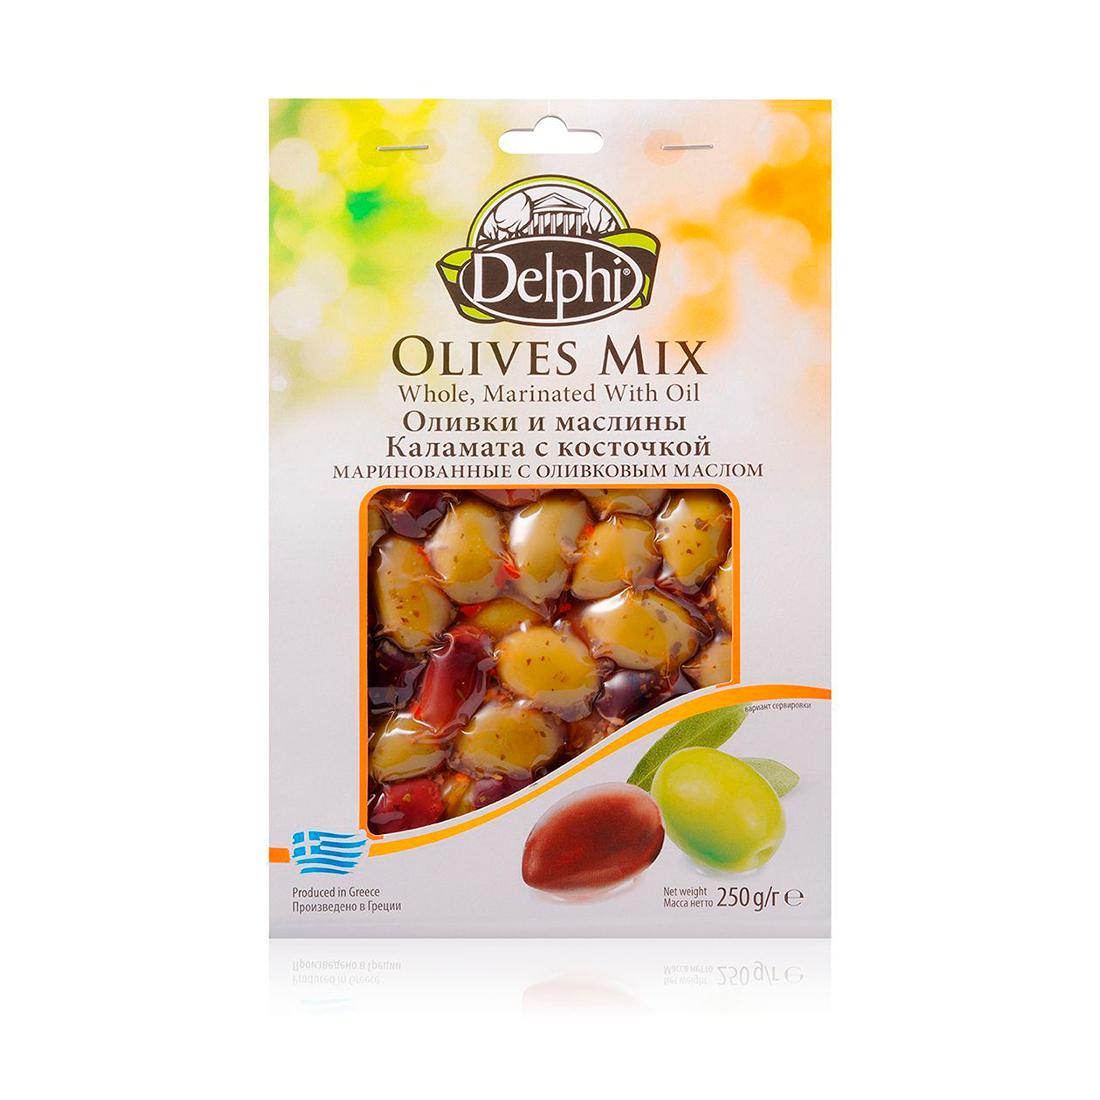 Оливки и маслины Каламата с косточкой маринованные, с оливковым маслом, DELPHI 250г